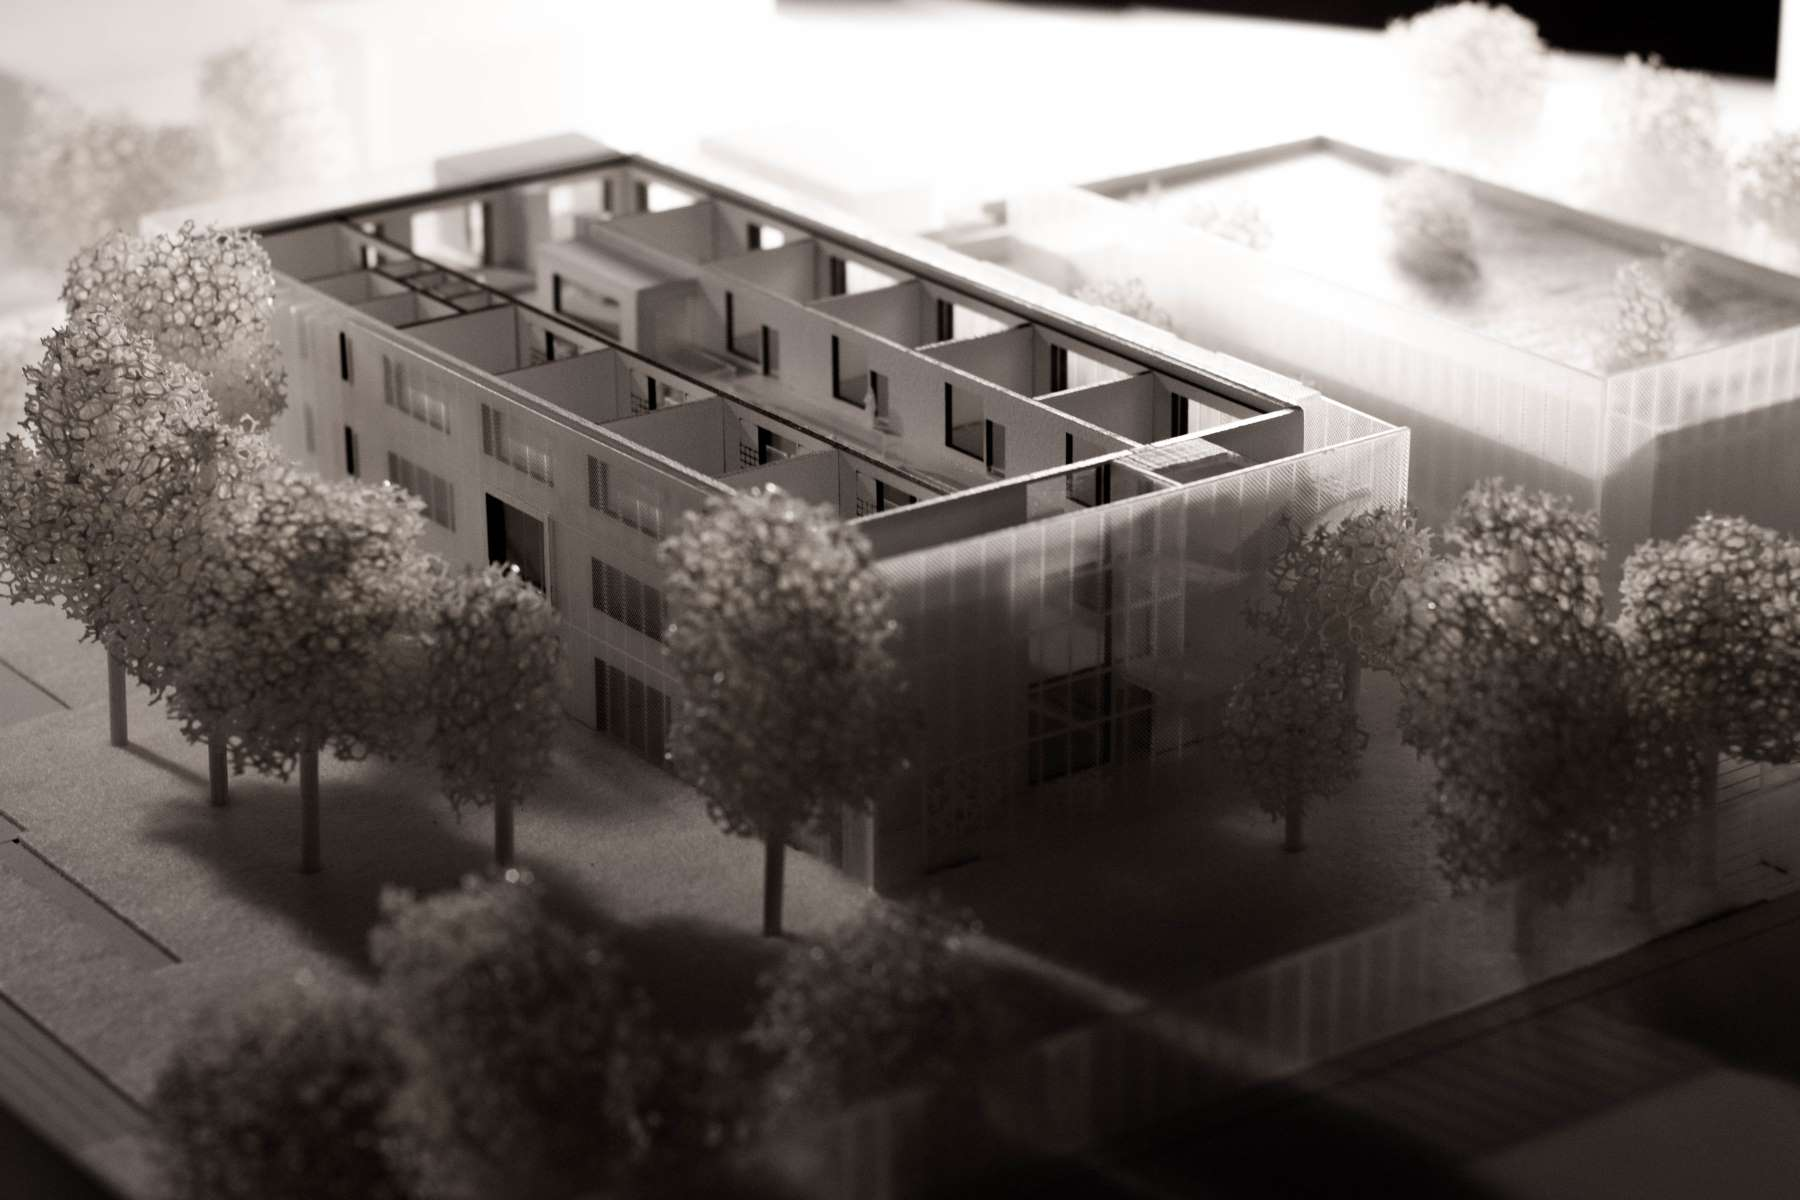 Progettazione Prototipazione Torino, Progettazione e Prototipazione a Torino